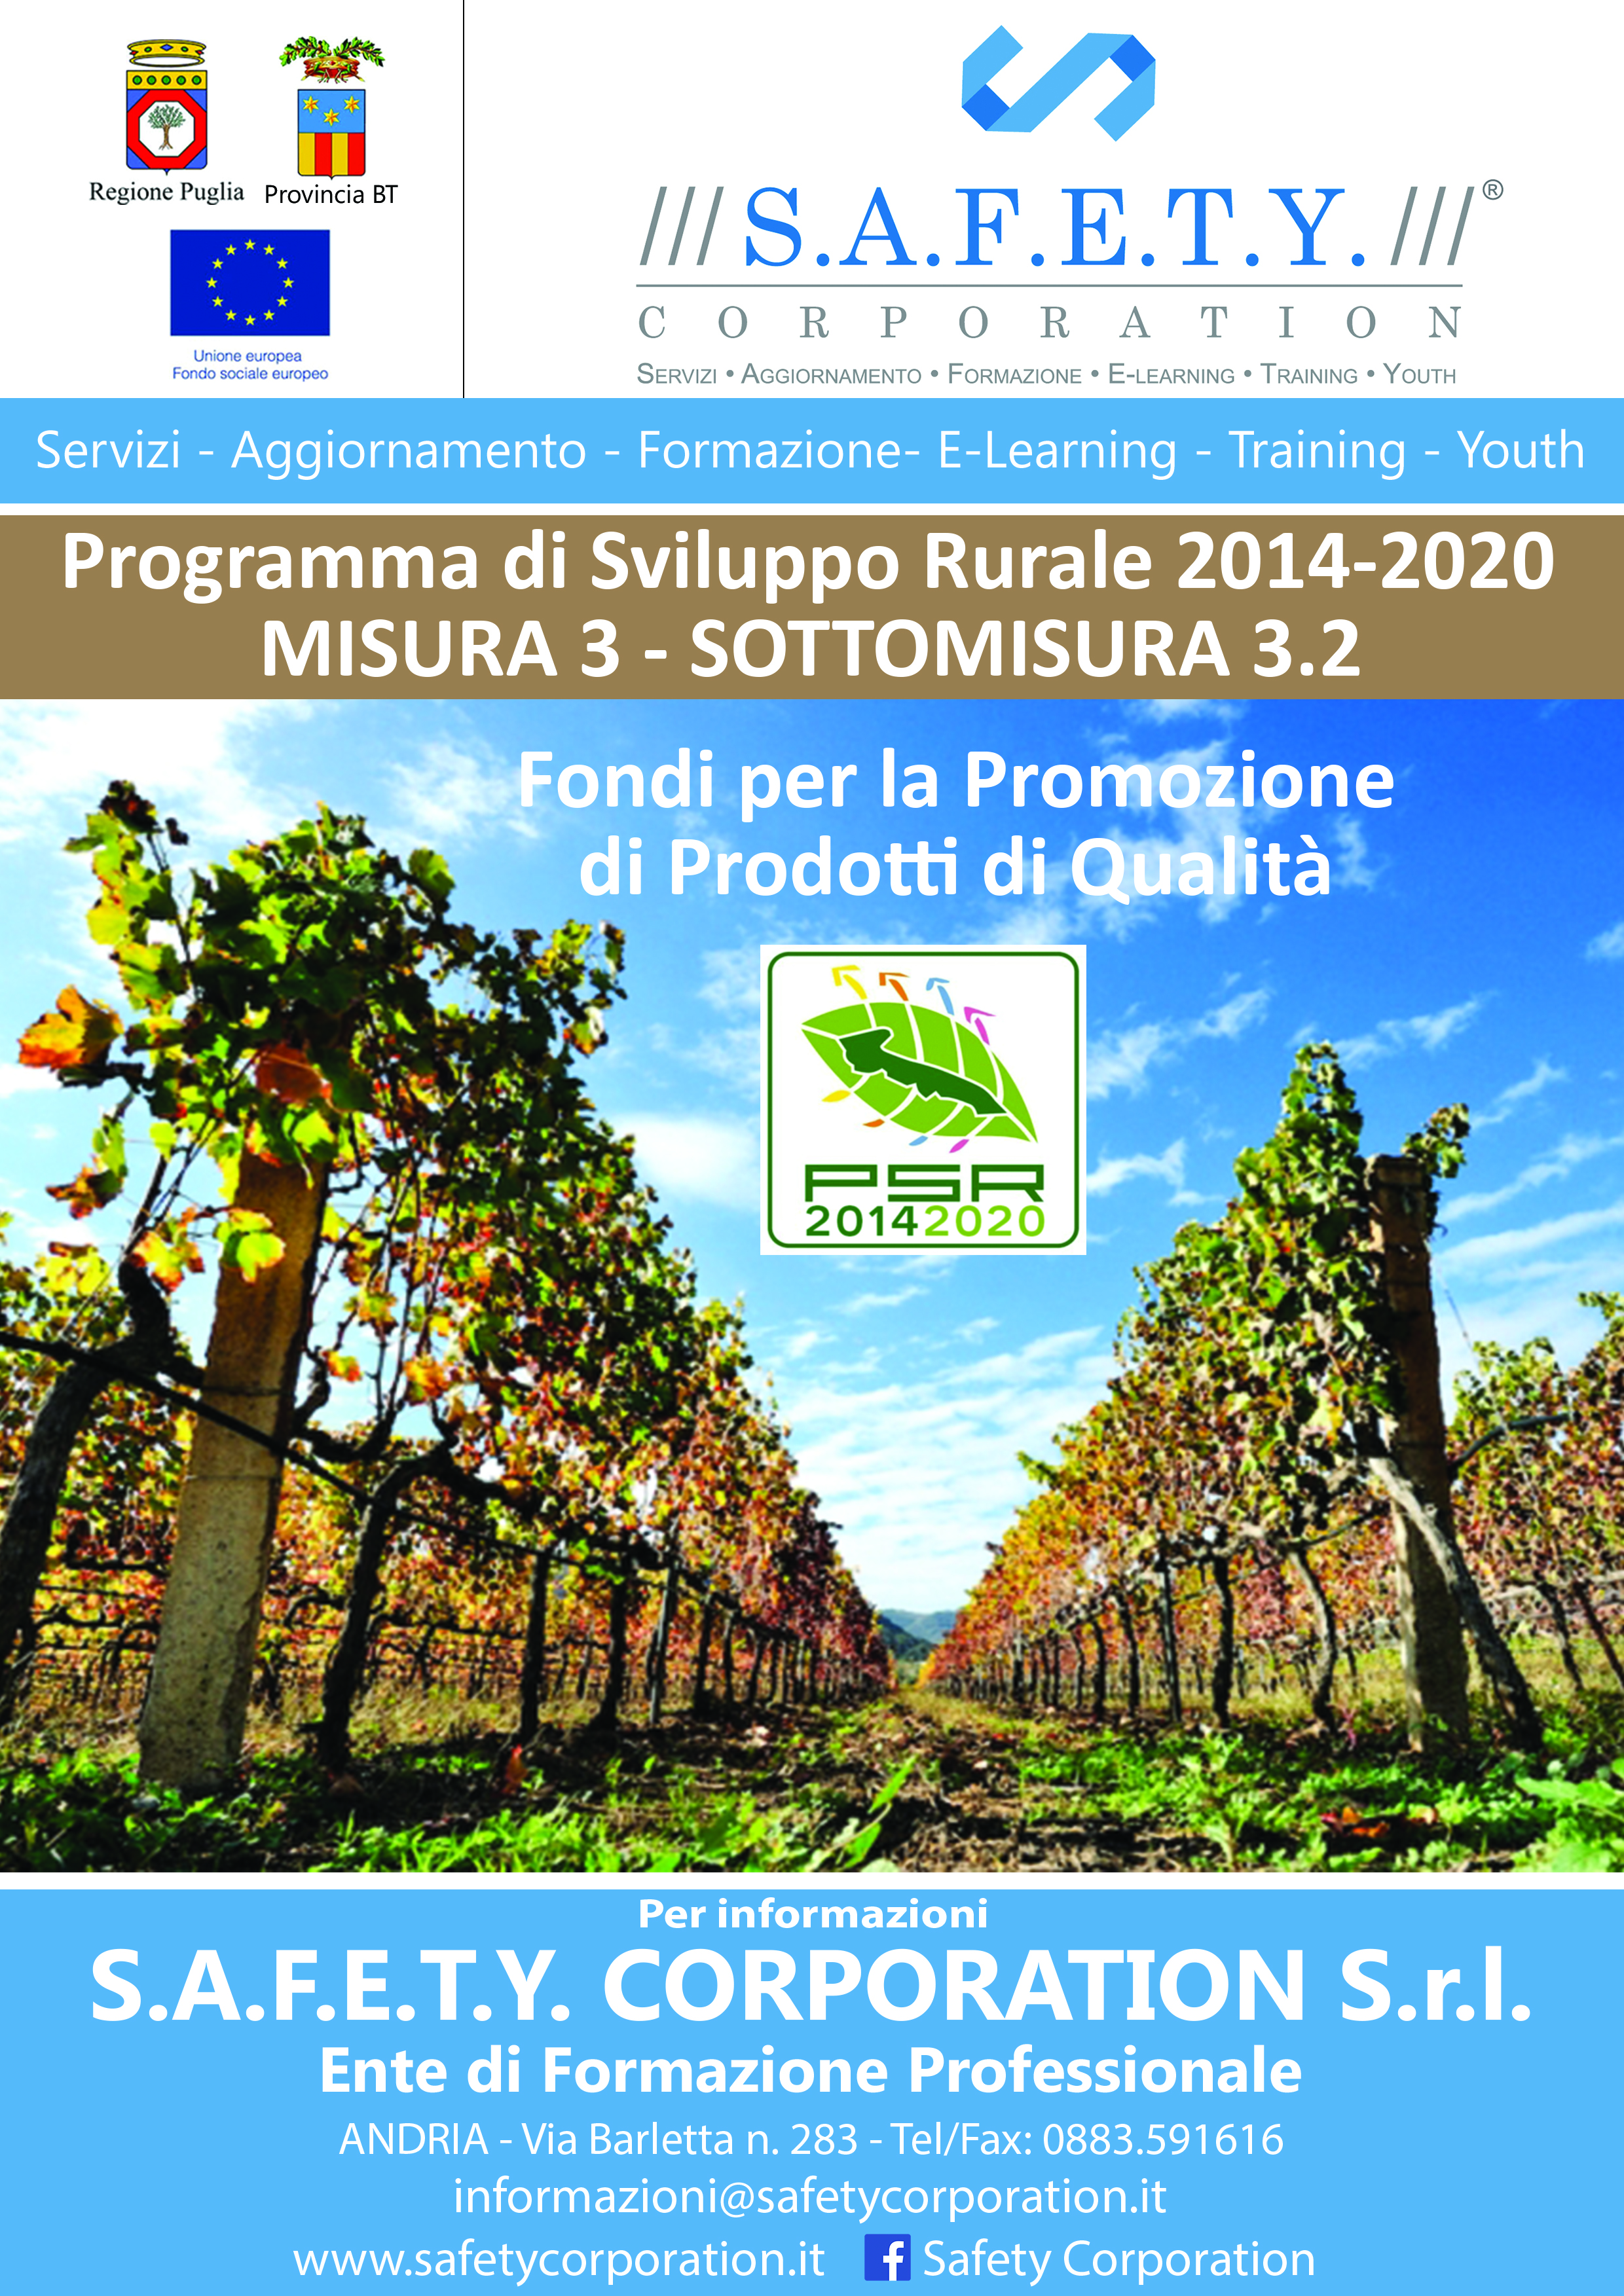 locandina agronomi misura 3.2